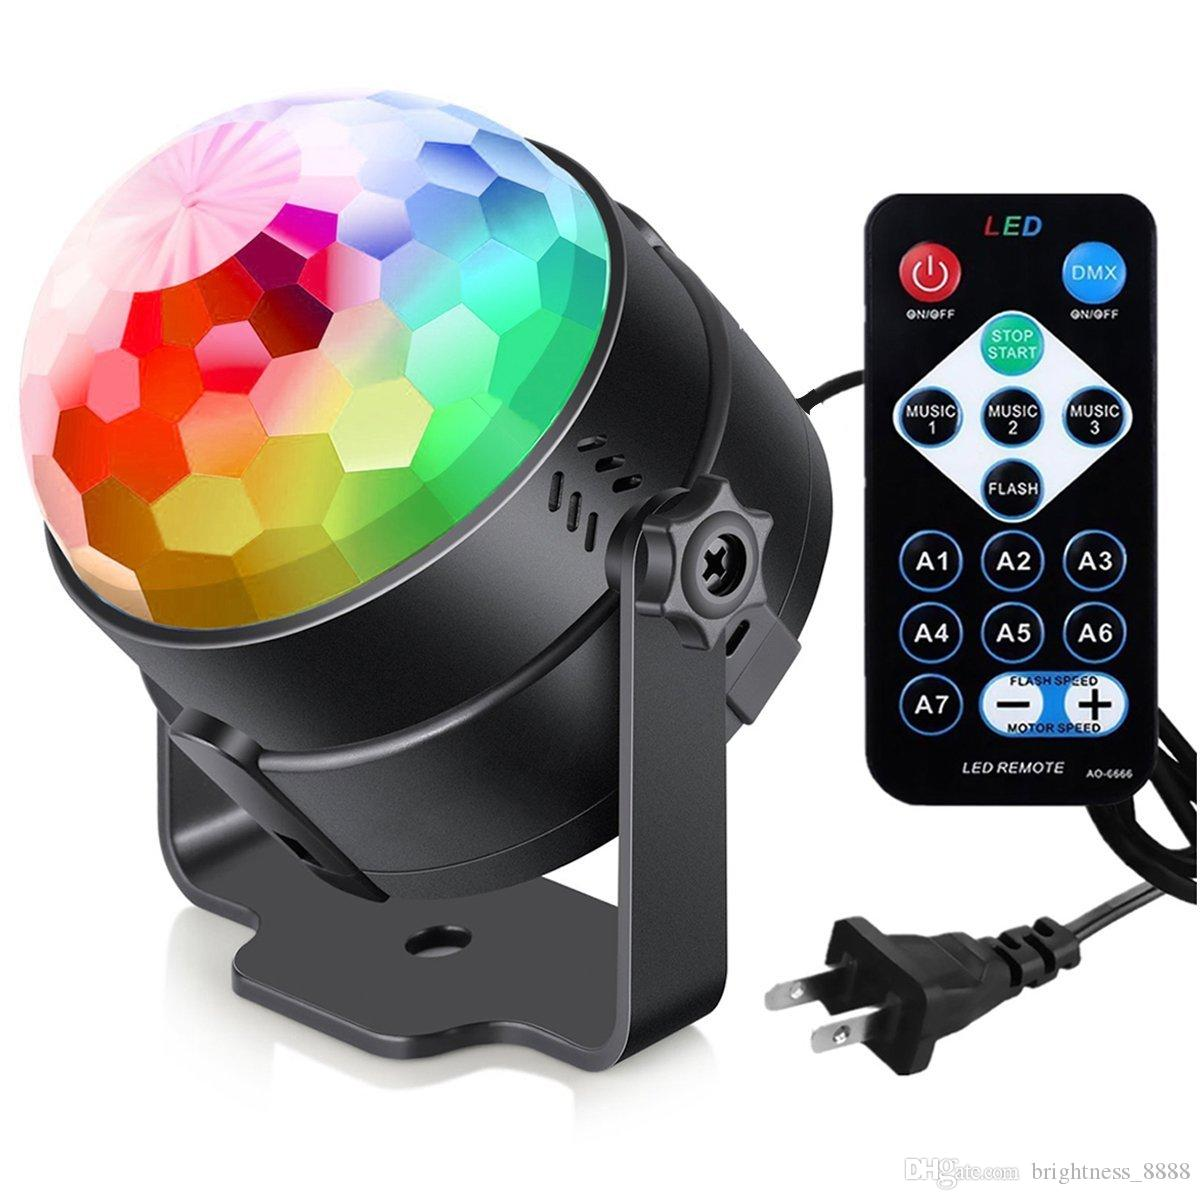 أضواء الحزب ديسكو الكرة أضواء دي جي ، صوت ستروب المنشط الأنوار حزب الكرة الخفيفة الصمام أضواء المرحلة تأثير عرض الإضاءة